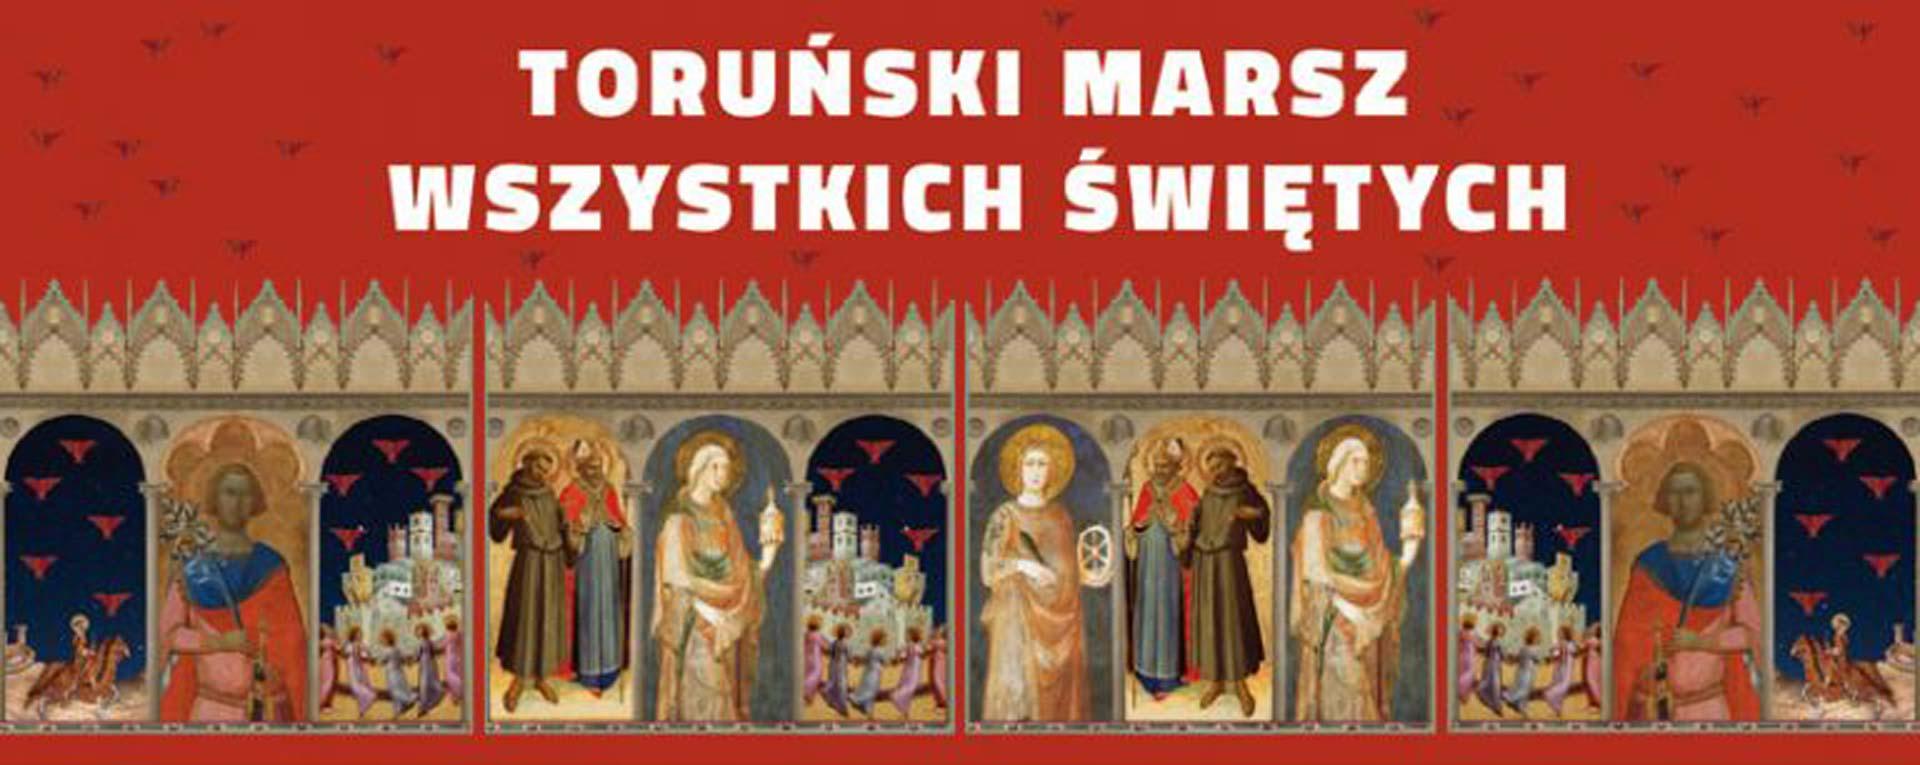 Marsz Wszystkich Świętych